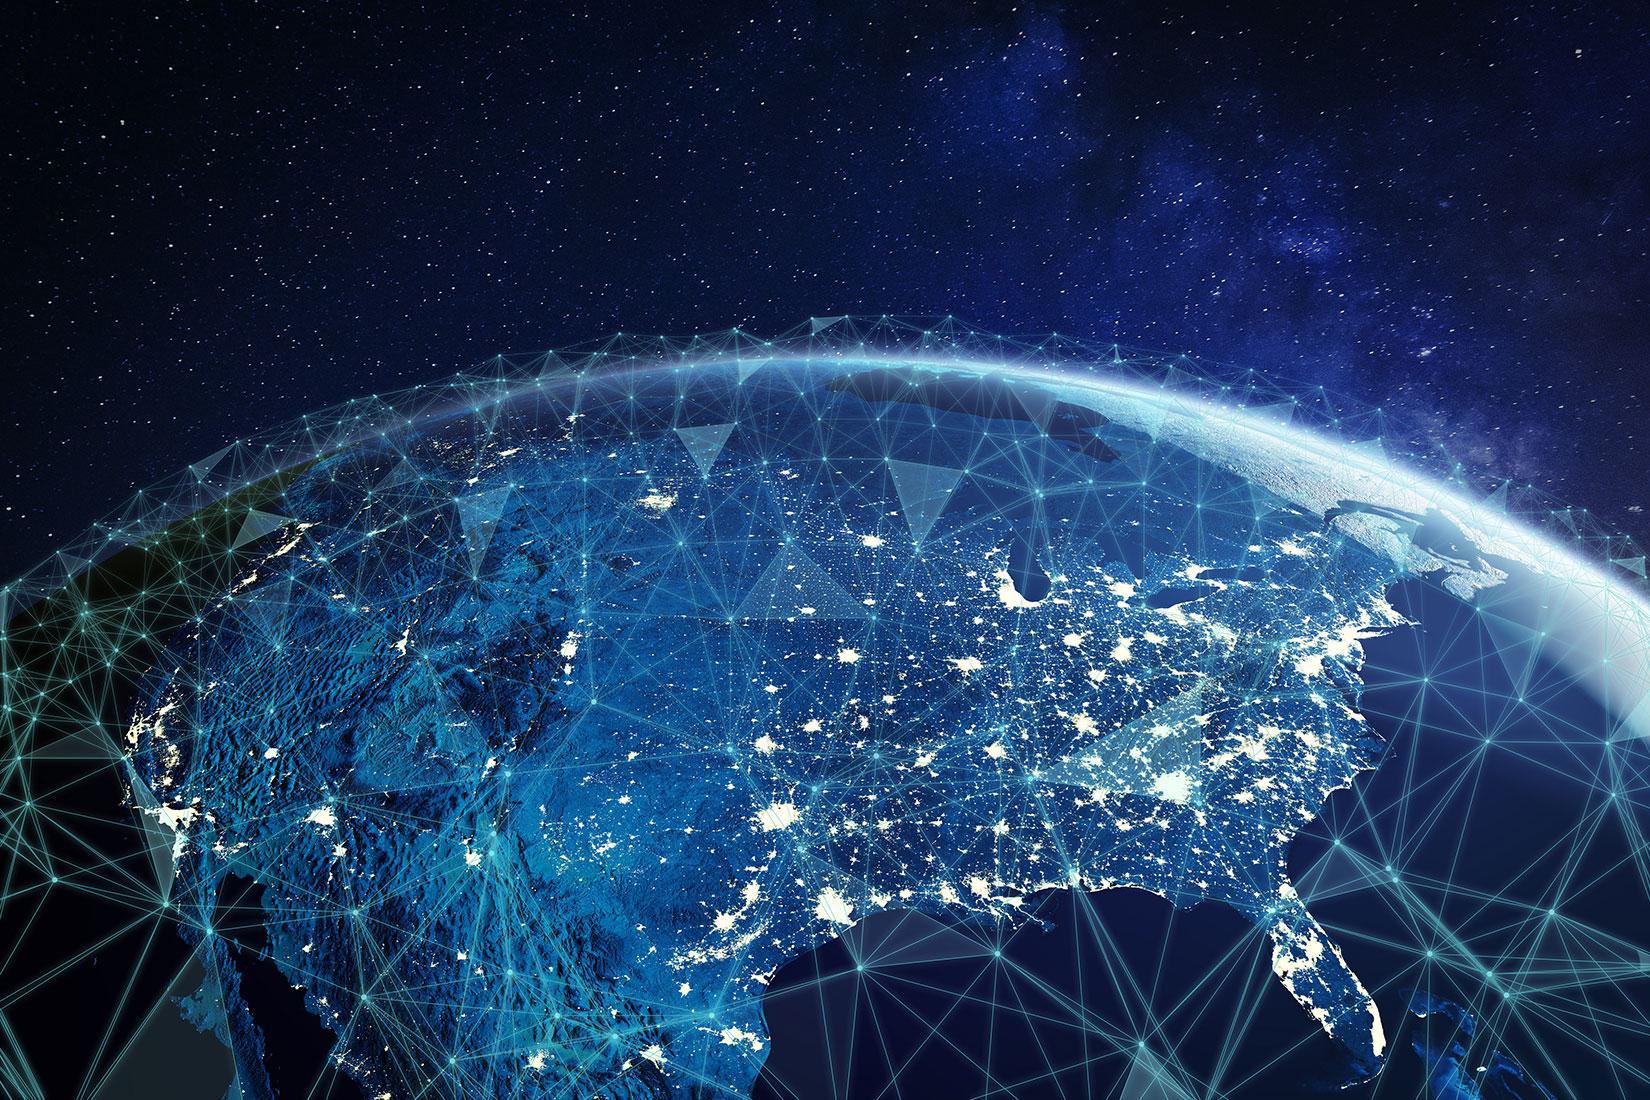 衛星量子暗号通信への挑戦